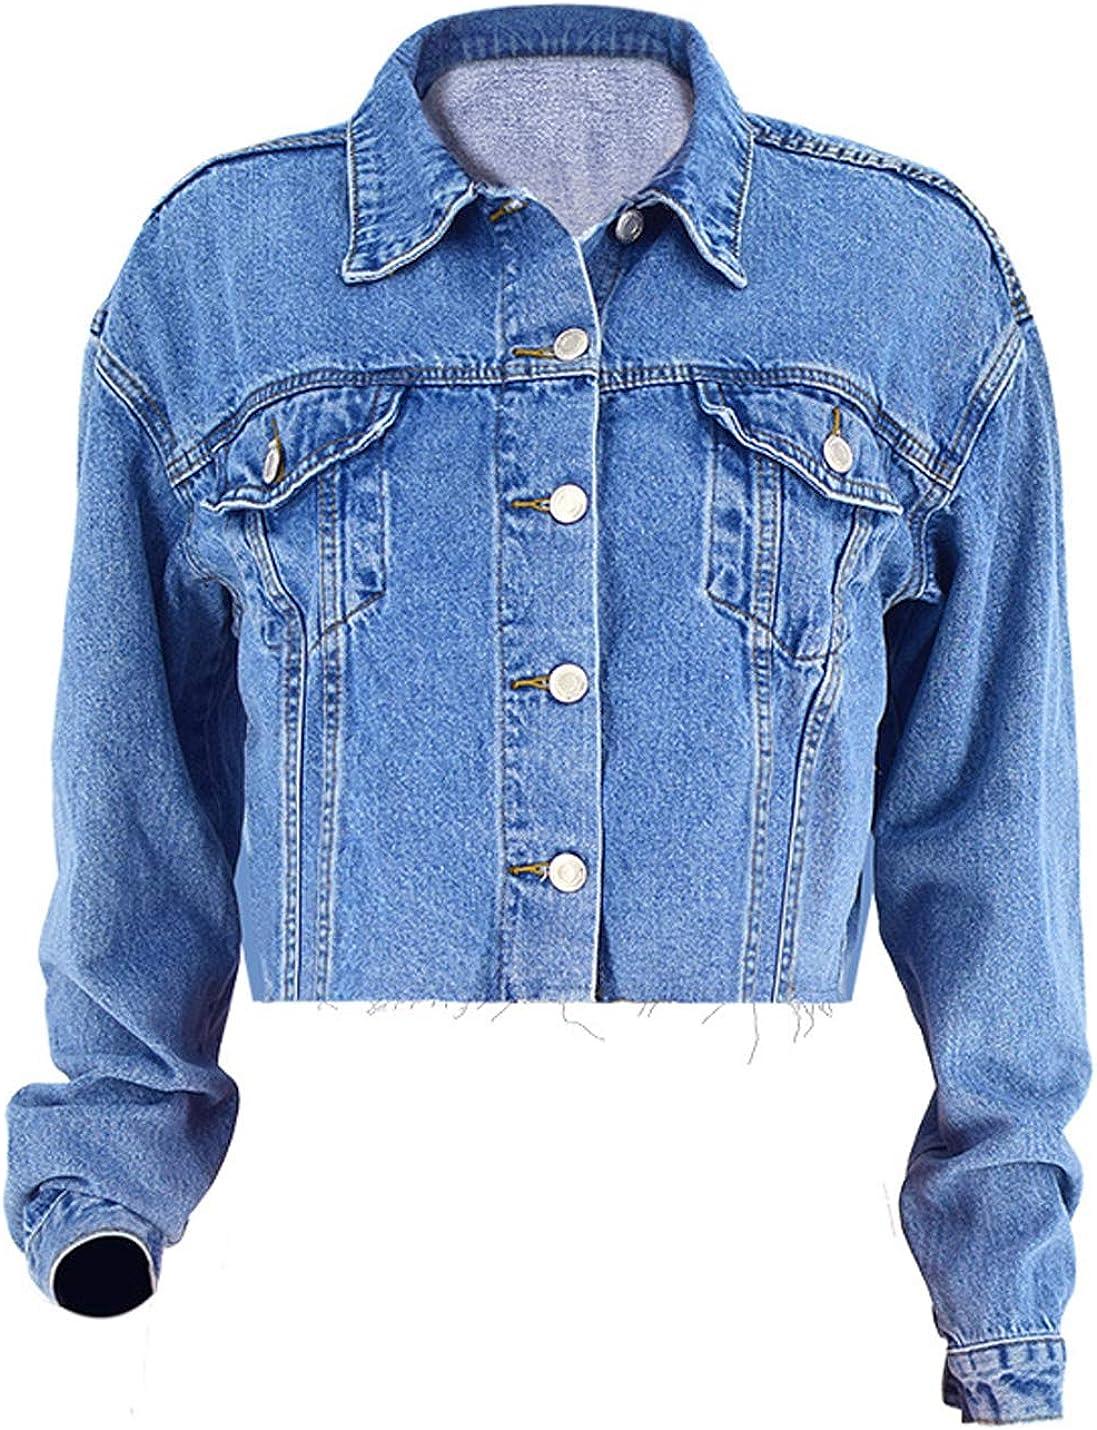 Gihuo Women's Casual Loose Blue Cropped Jean Jacket Fray Denim Trucker Jacket